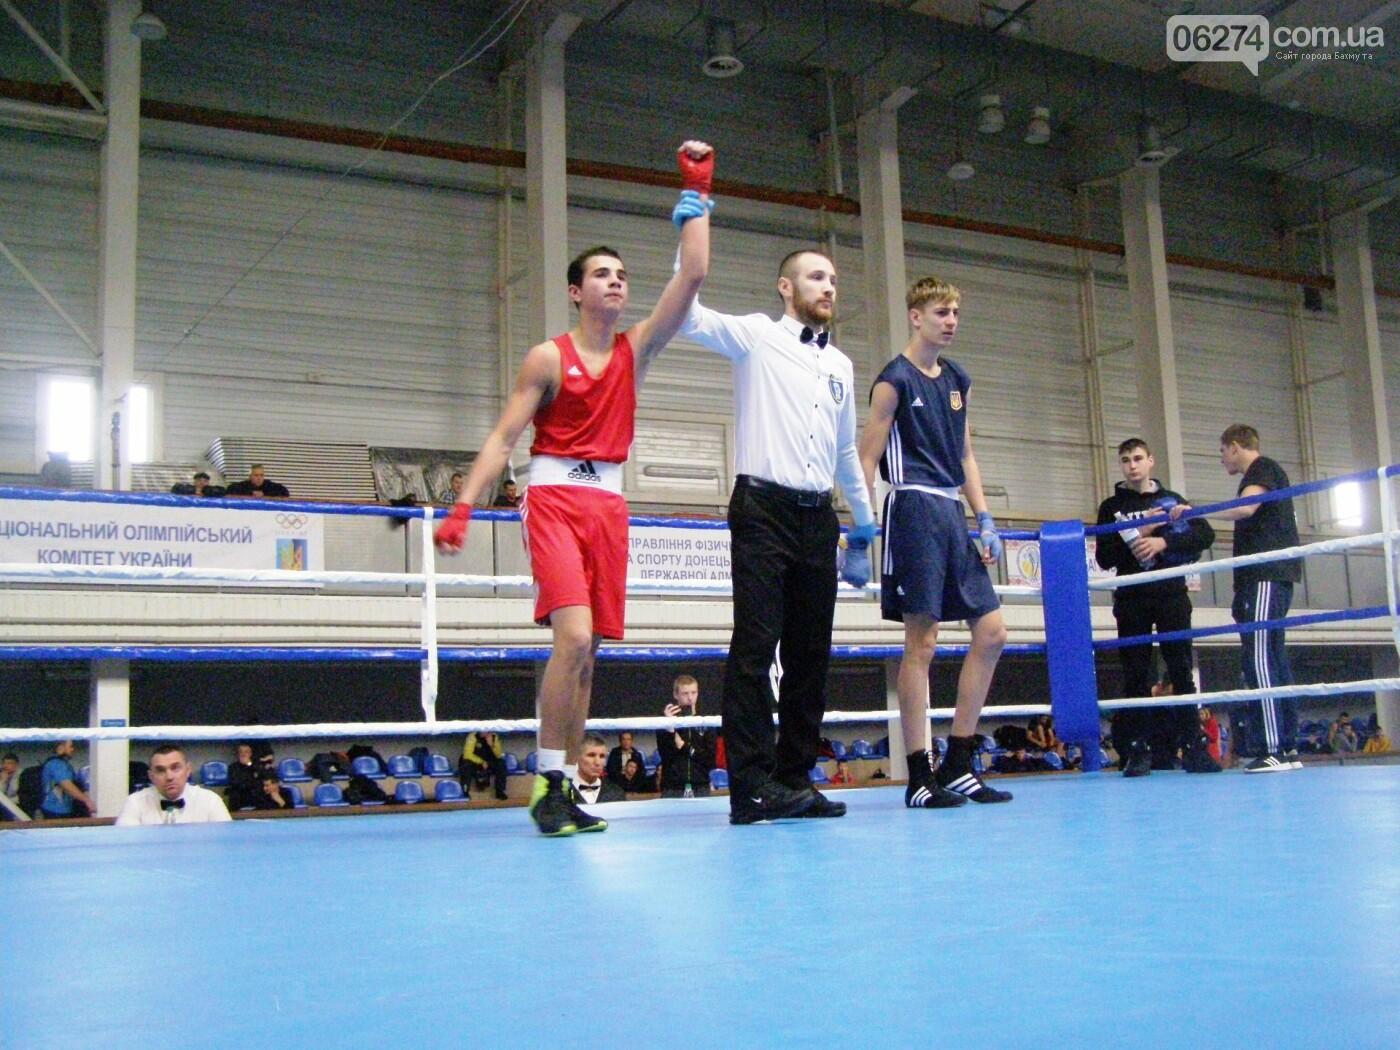 Боксеры Донетчины получили 15 наград всеукраинского турнира среди юниоров в Бахмуте, фото-4